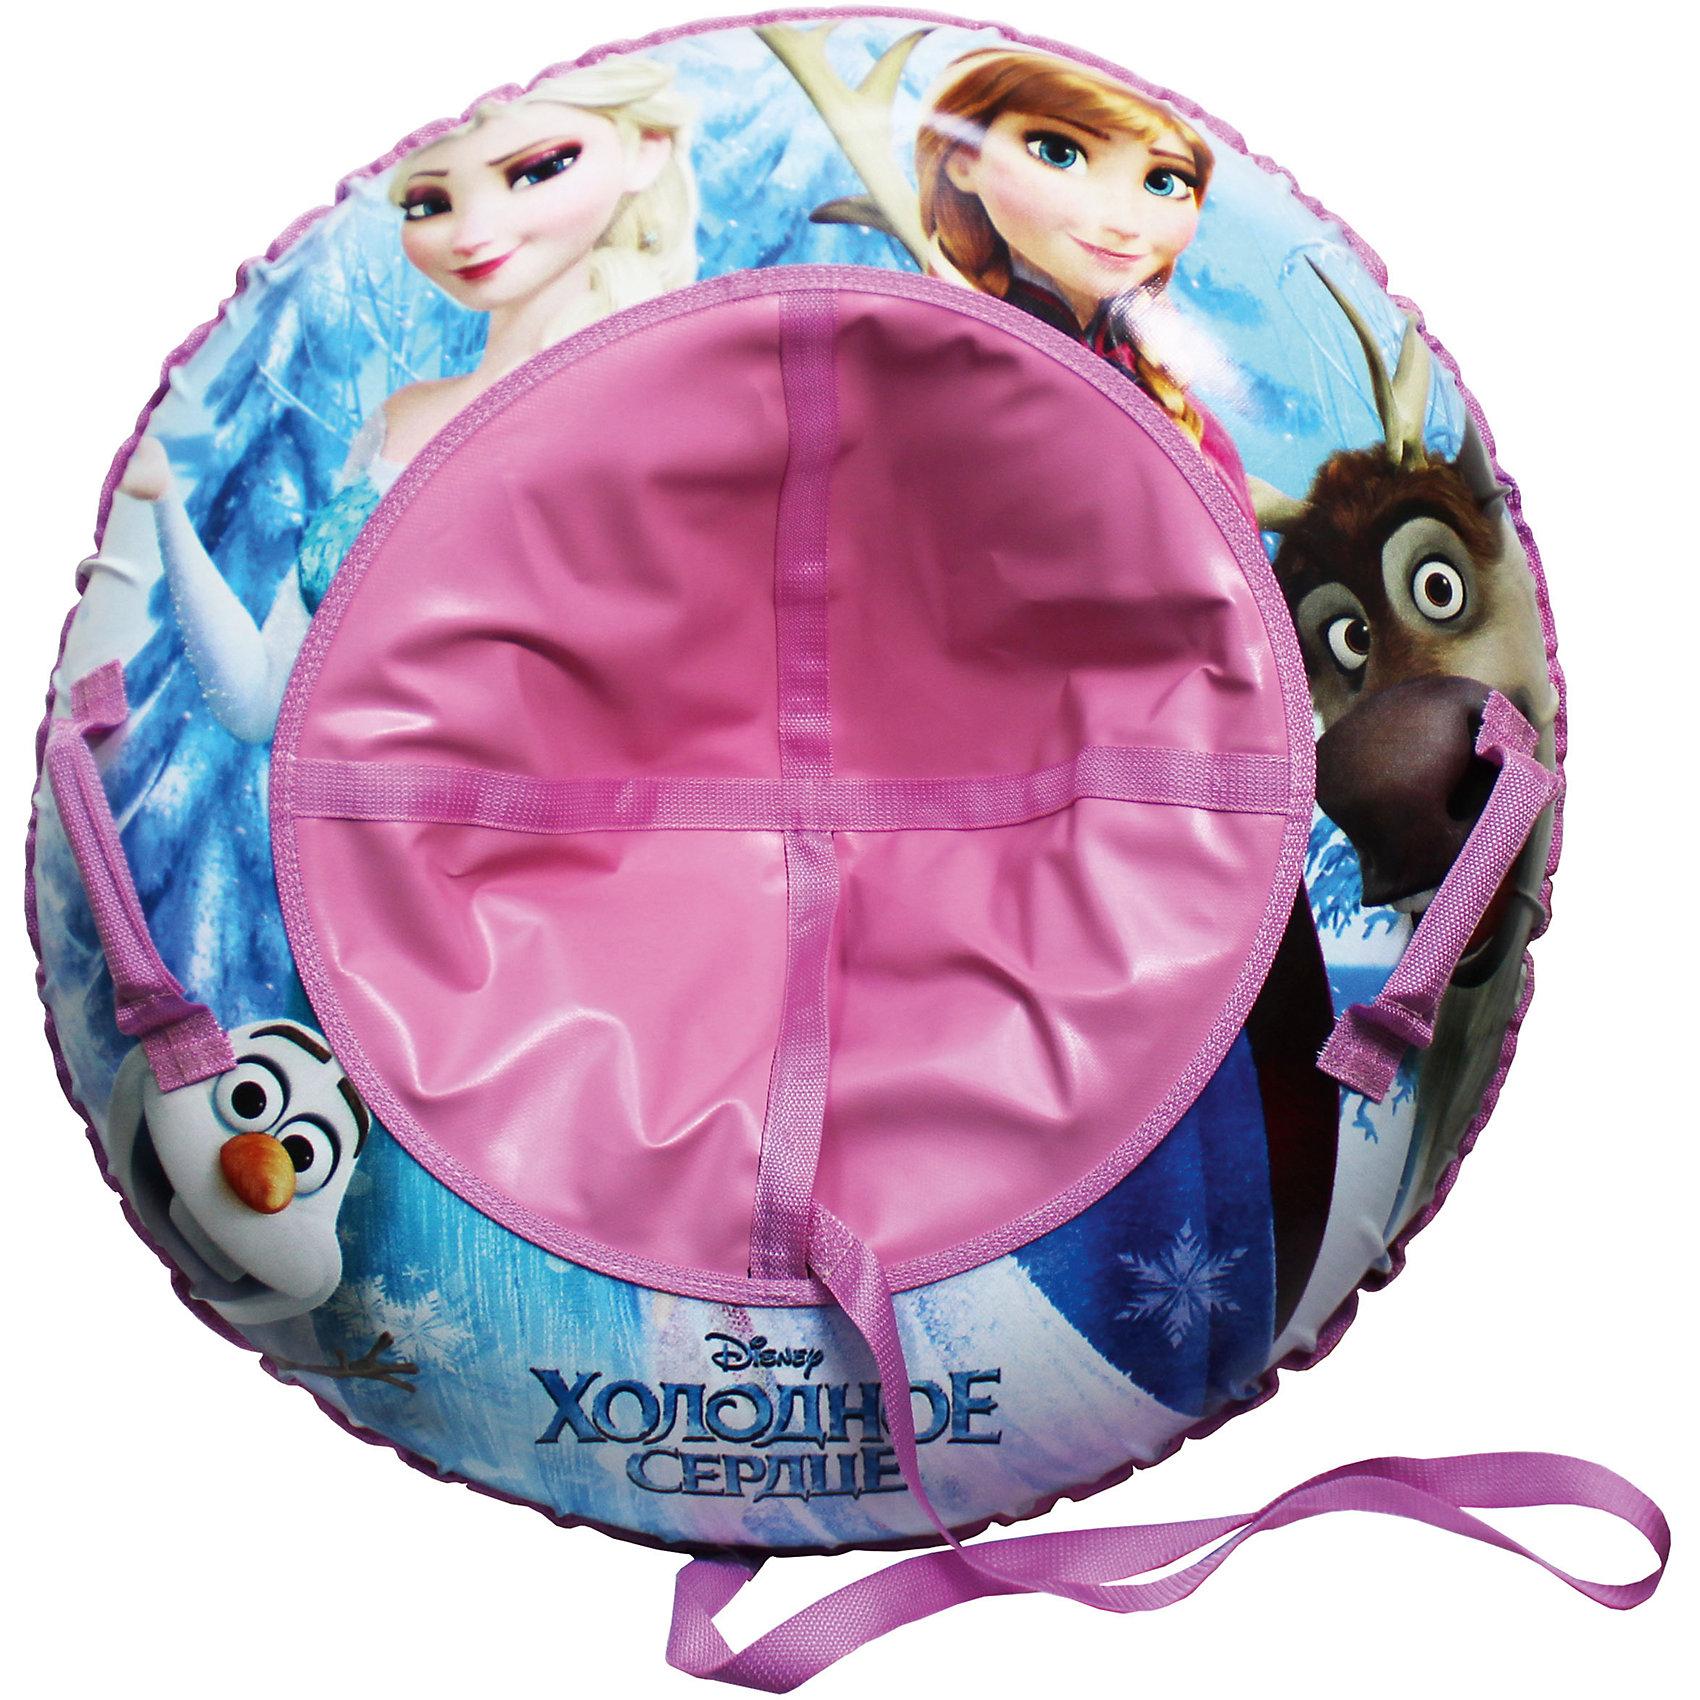 Disney Надувные сани-тюбинг, 100см, с буксировочным троссом, Холодное Сердце disney гирлянда детская вымпел с днем рождения холодное сердце